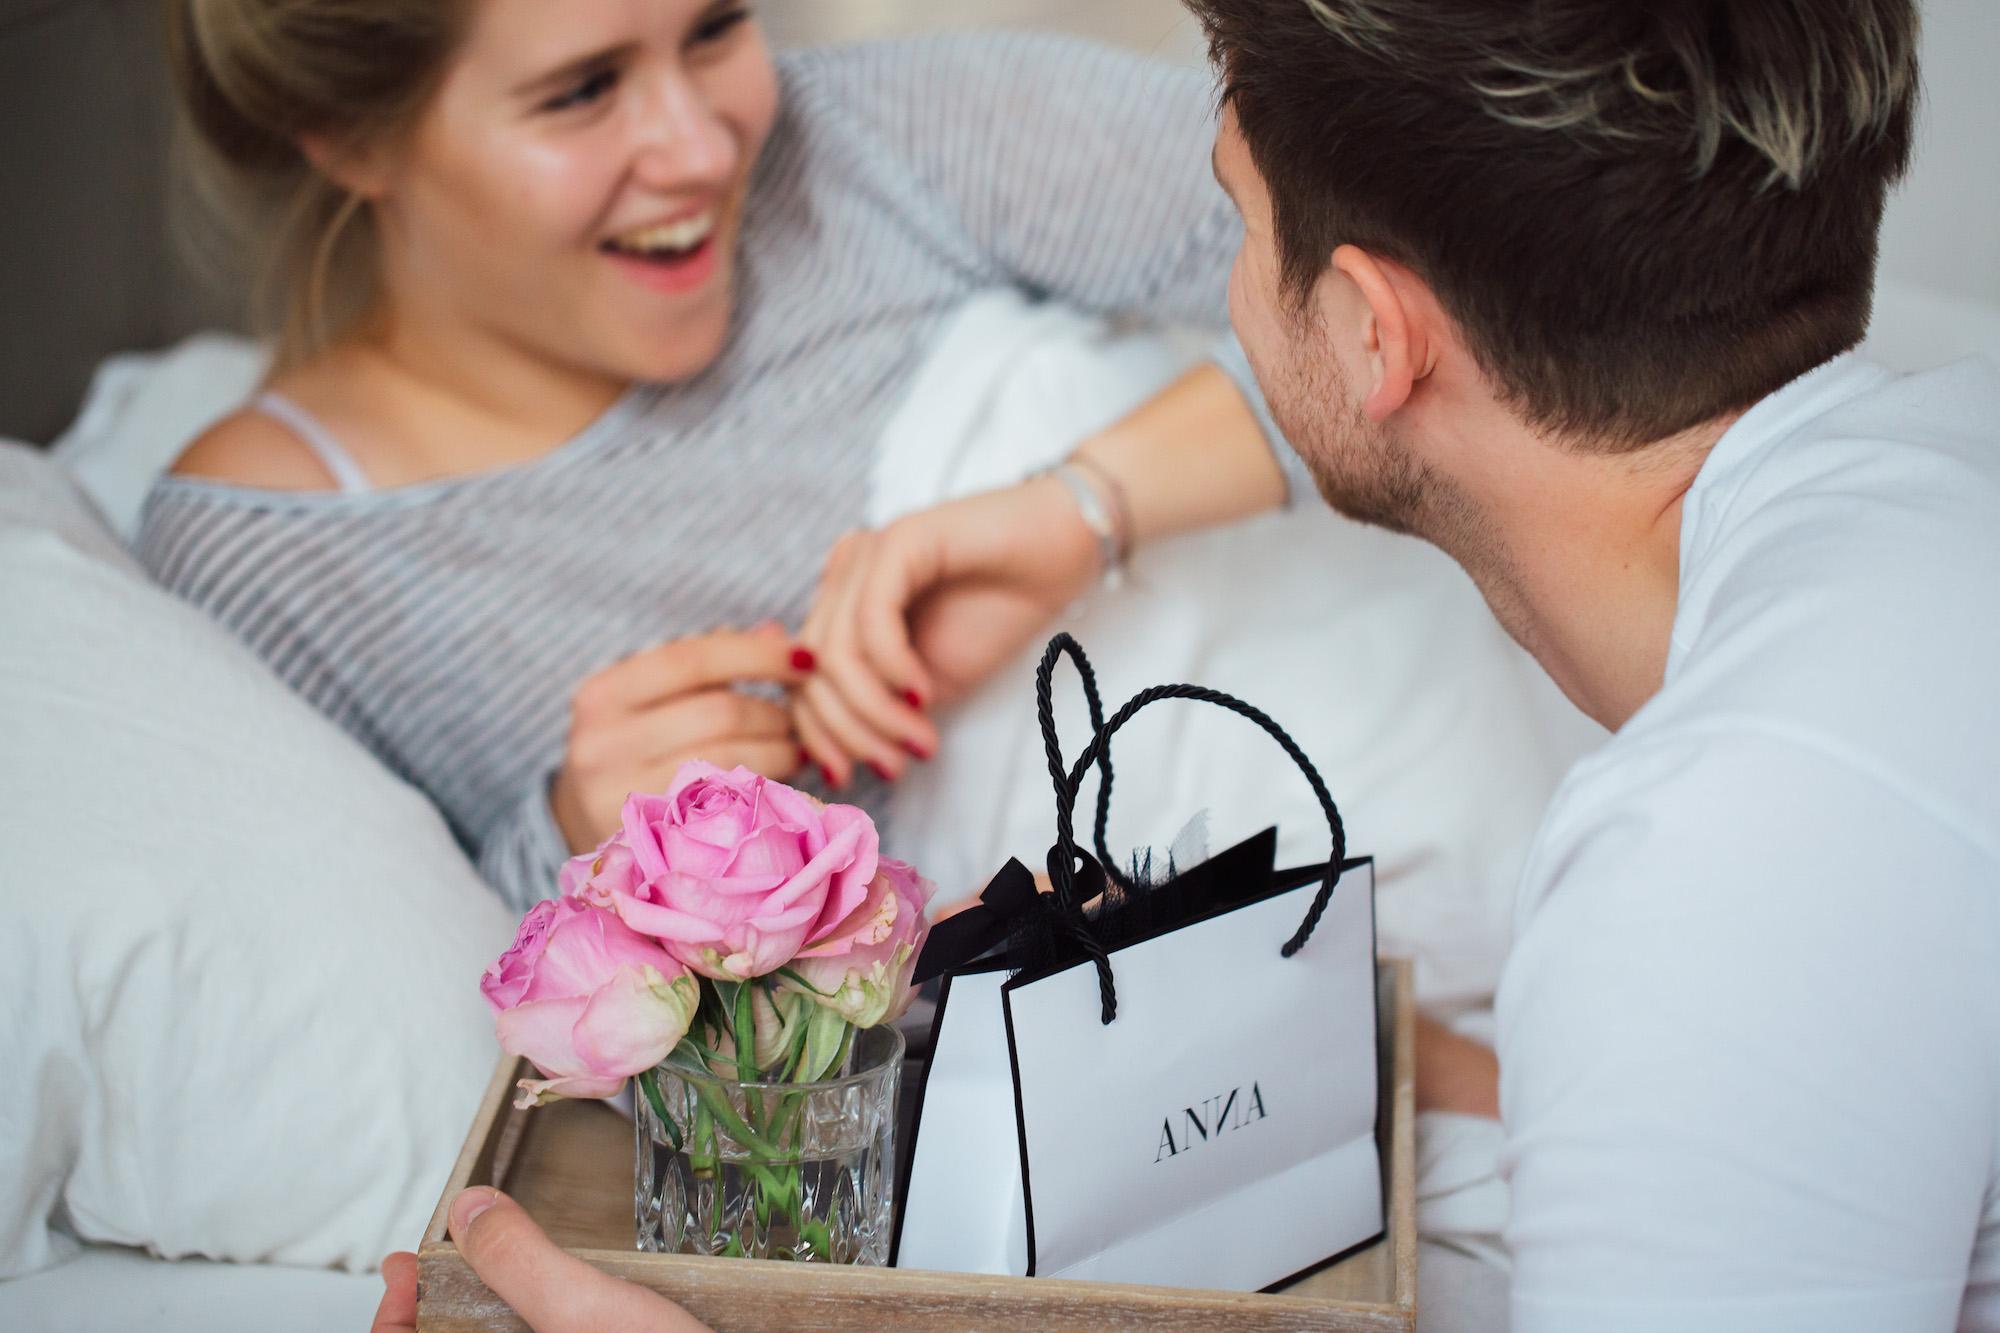 Anna Inspiring Jewellery_Disign your Bangle_Weihnachtsgeschenk für die Partnerin_Meanwhile in Awesometown_Männerblogger_Maleblogger_Lifestyleblog_Fashionblog_Menswear Blogger5